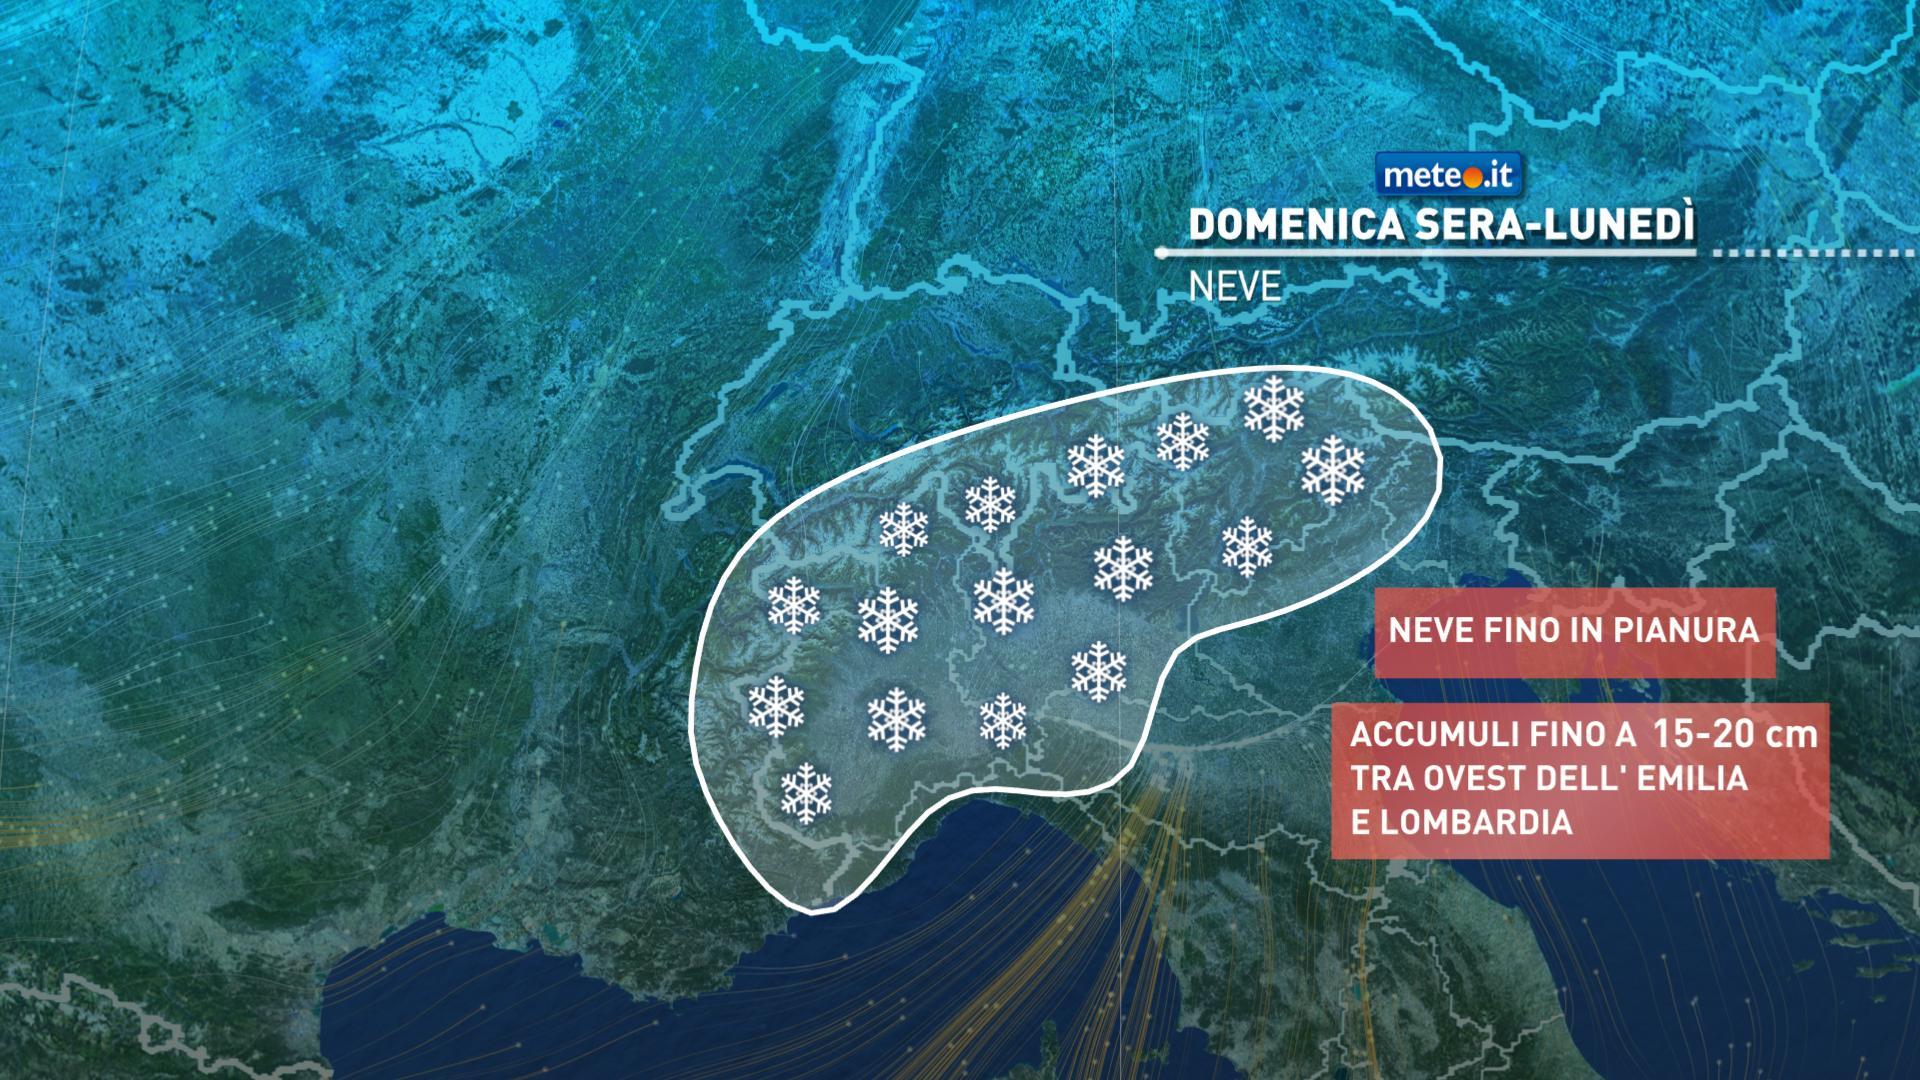 Meteo, lunedì 28 dicembre nevicate anche in pianura al Nord e piogge al Centro-Sud